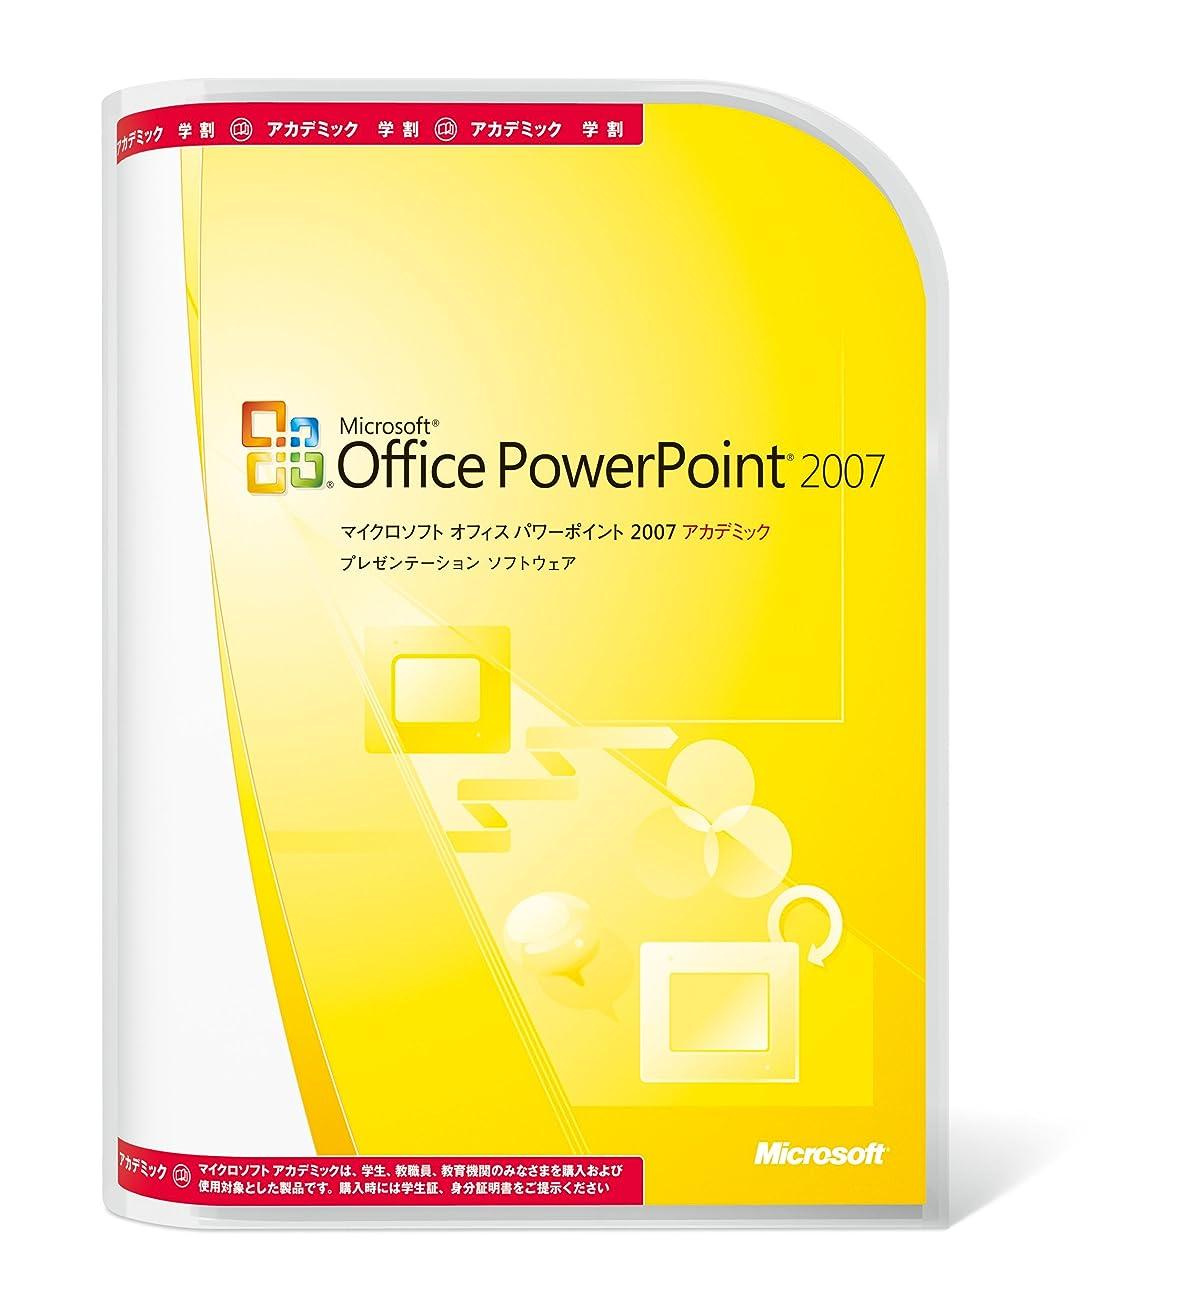 欲望触手小競り合い【旧商品/メーカー出荷終了/サポート終了】Microsoft Office PowerPoint 2007 アカデミック